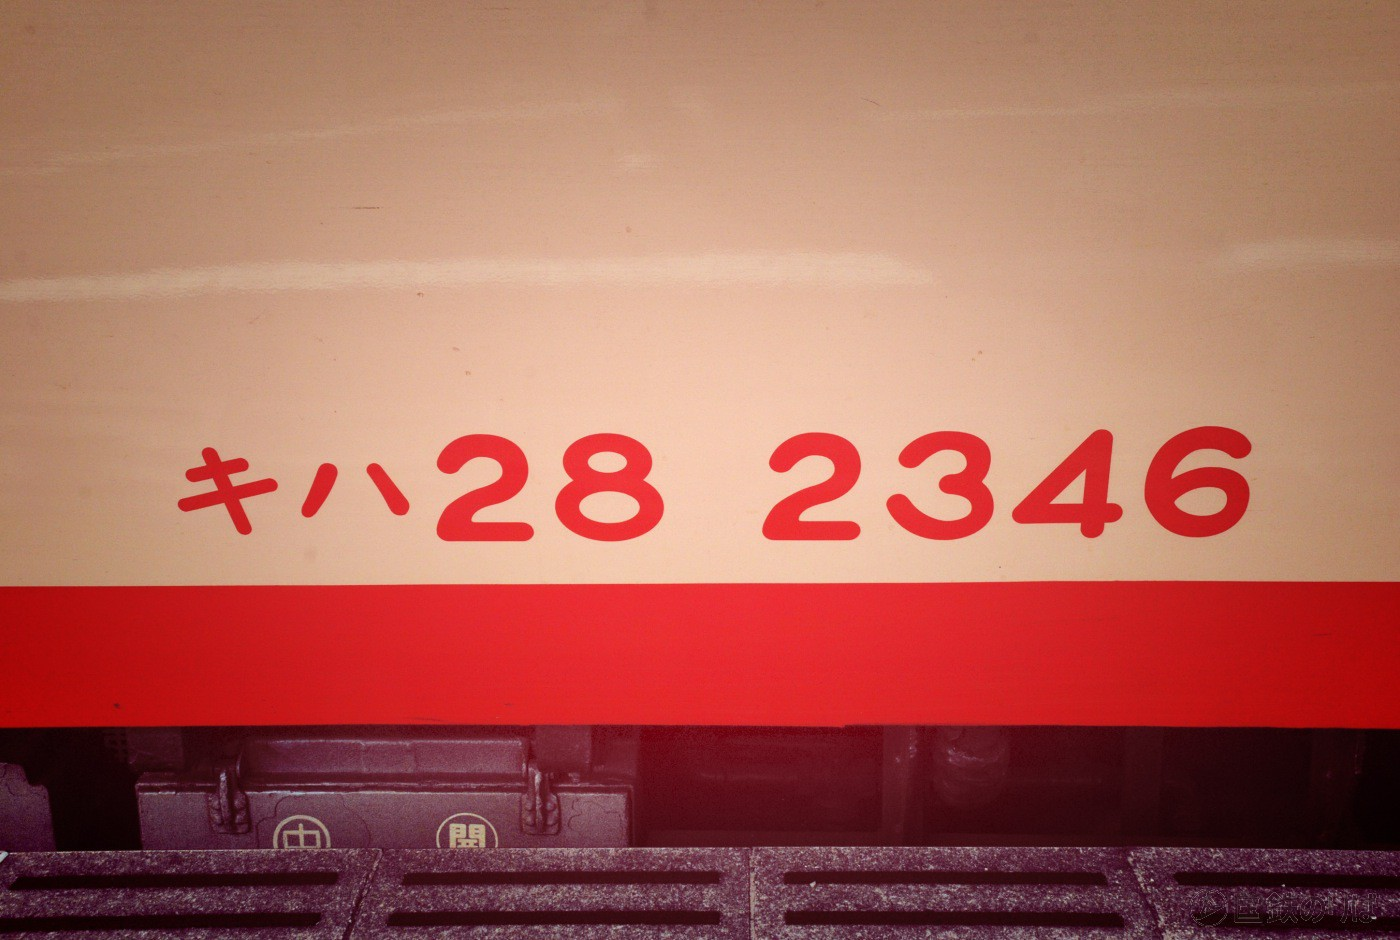 キハ28 2346の形式表記